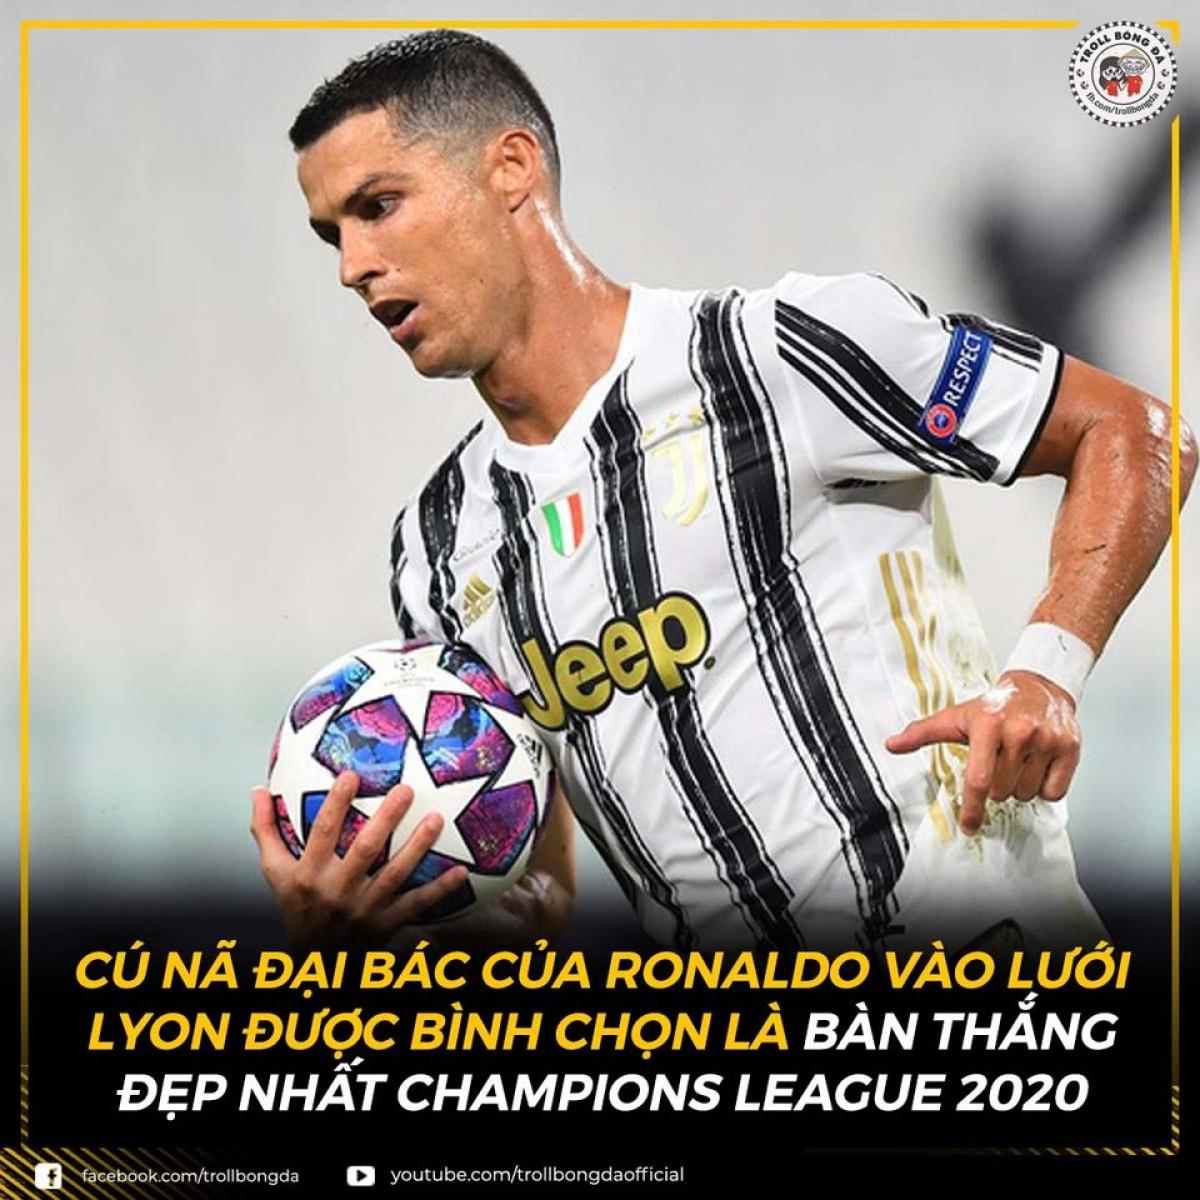 Ronaldo là chủ nhân của bàn thắng đẹp nhất Champions League 2019-2020. (Ảnh: Troll bóng đá).